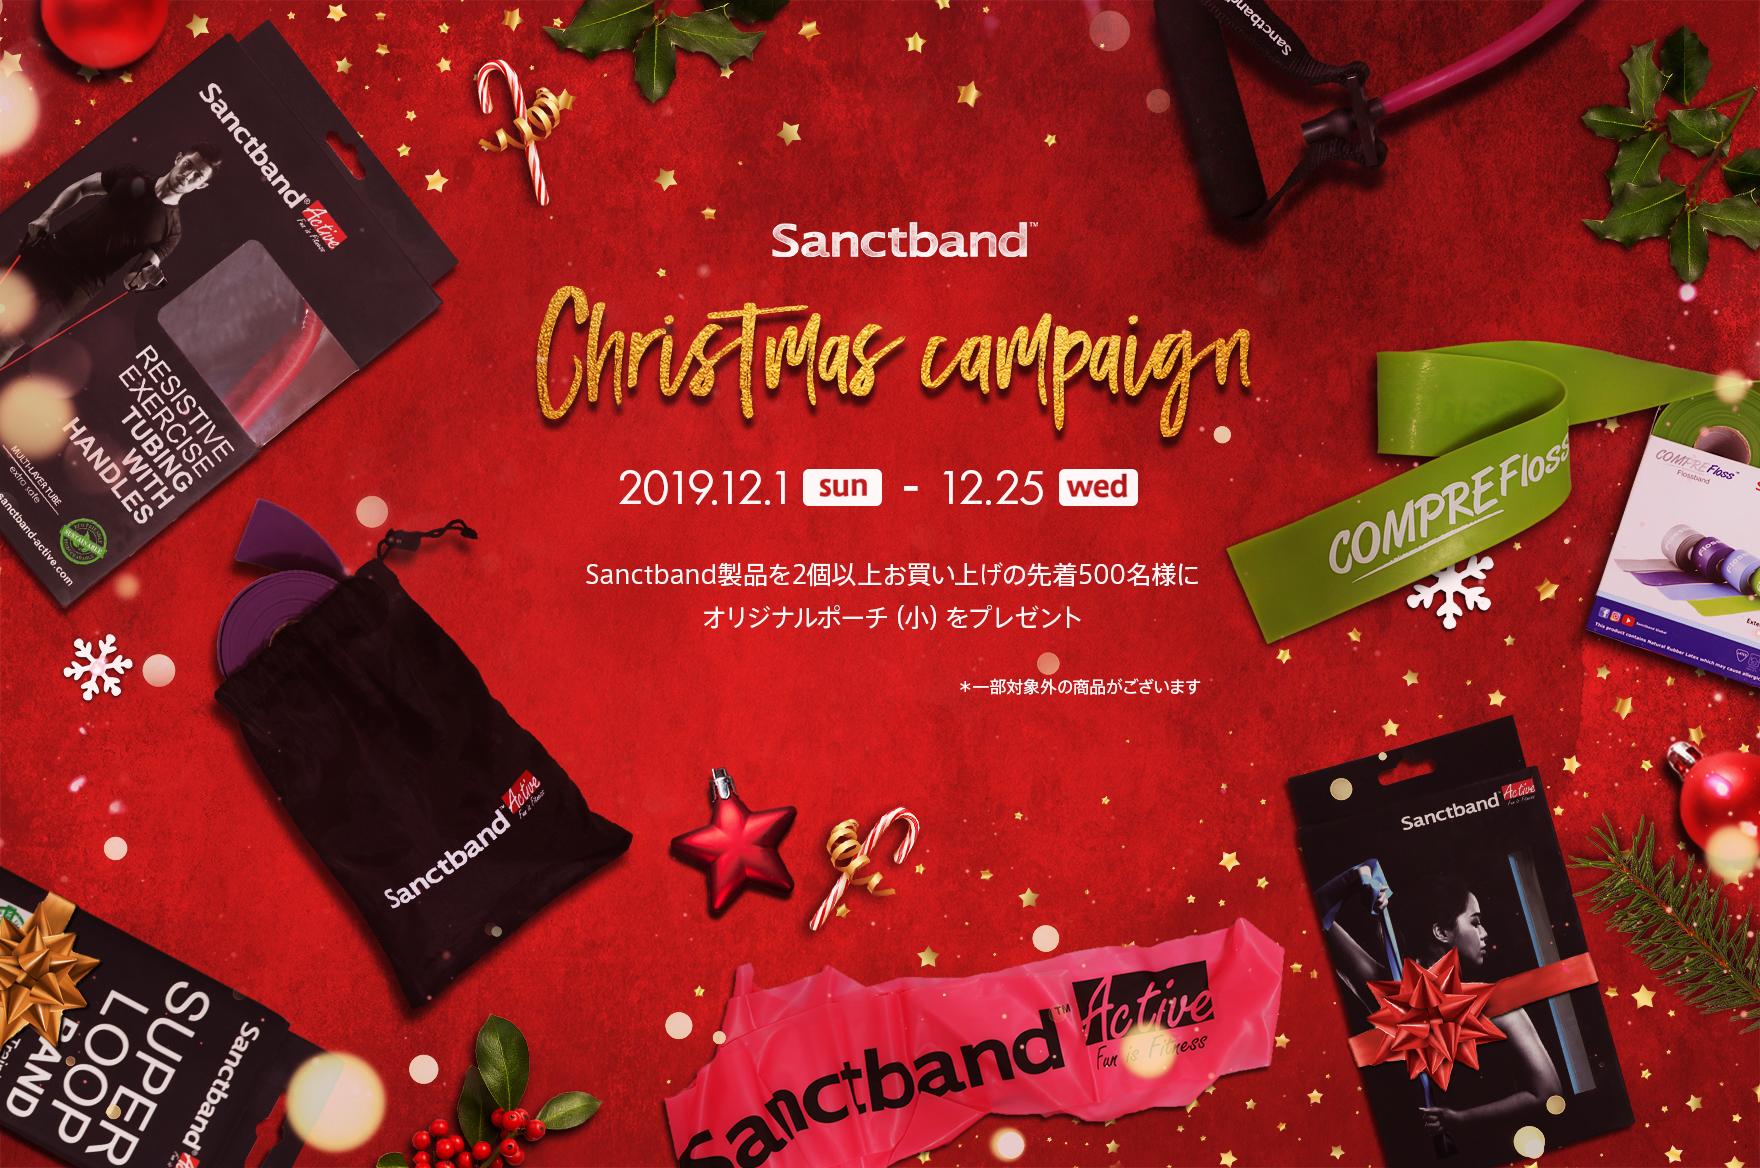 Sanctband クリスマスキャンペーン2019